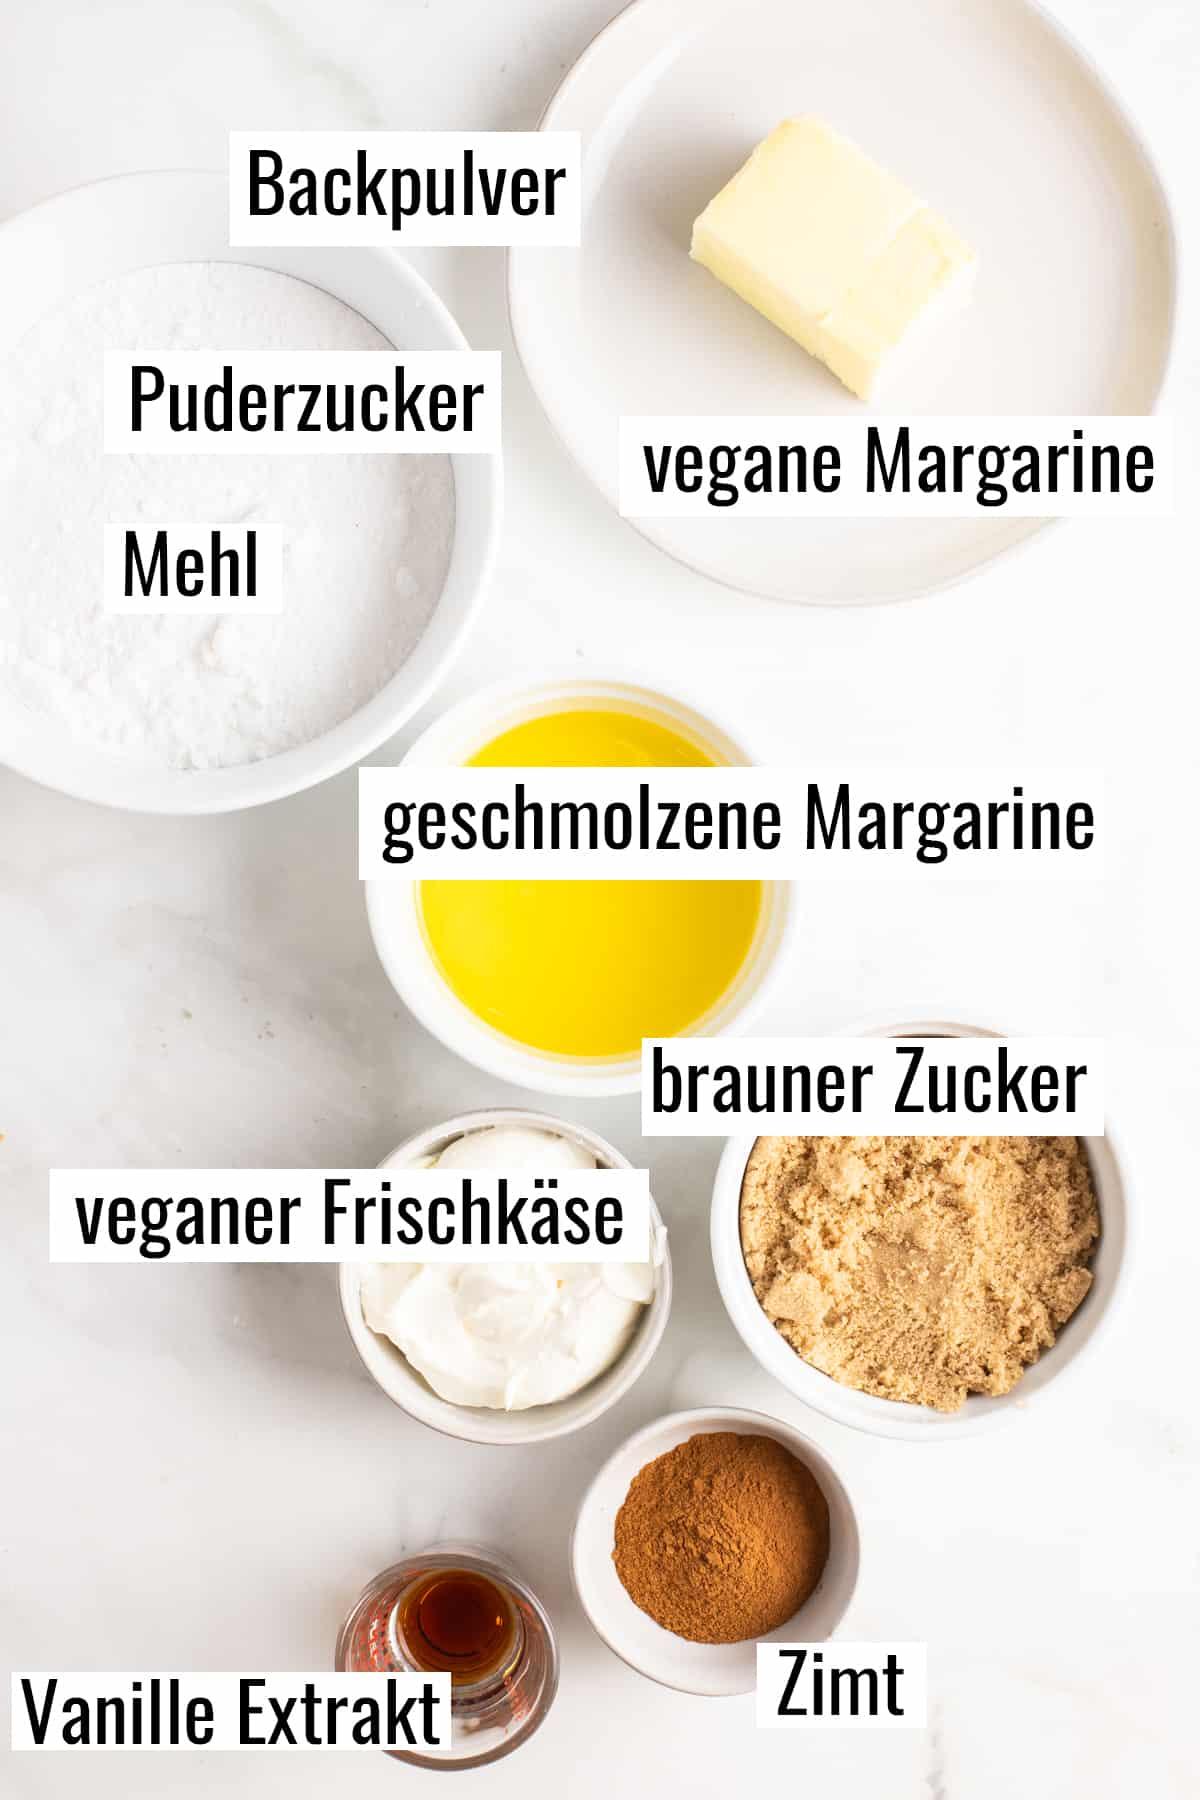 die Zutaten, die man für dieses Rezept benötigt auf einer Marmorplatte mit Beschriftungen